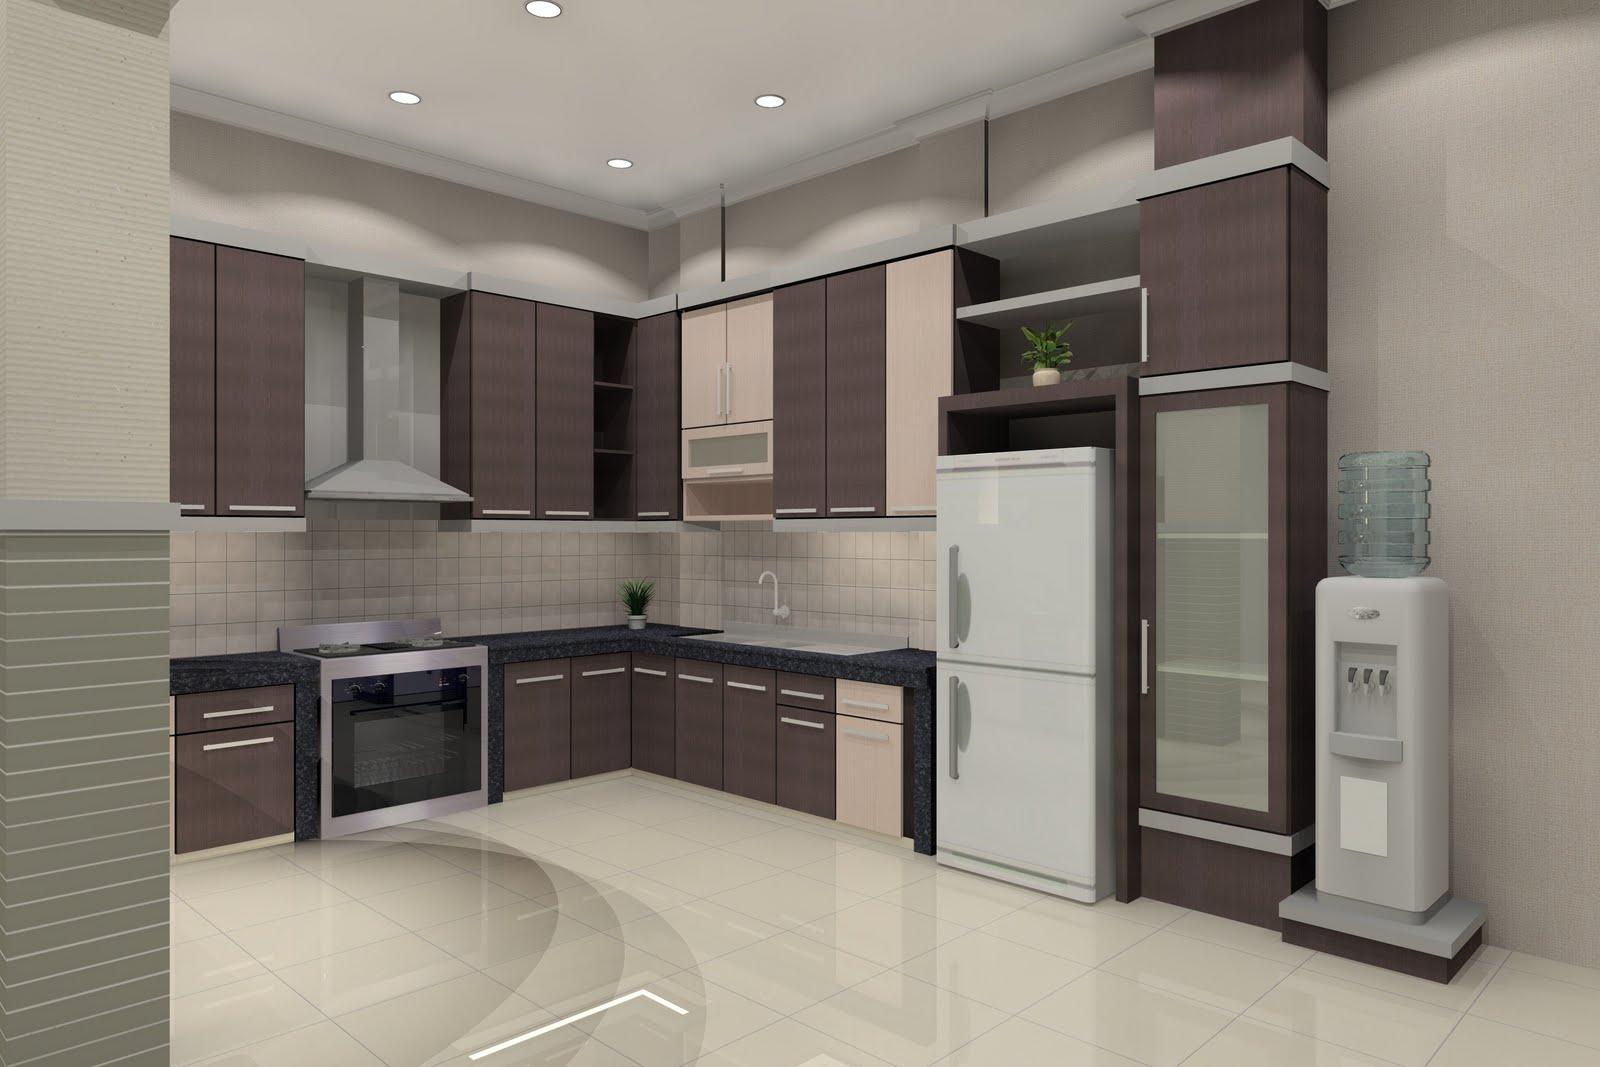 32 Kumpulan Gambar  Dapur Rumah Minimalis Terbaru 2019